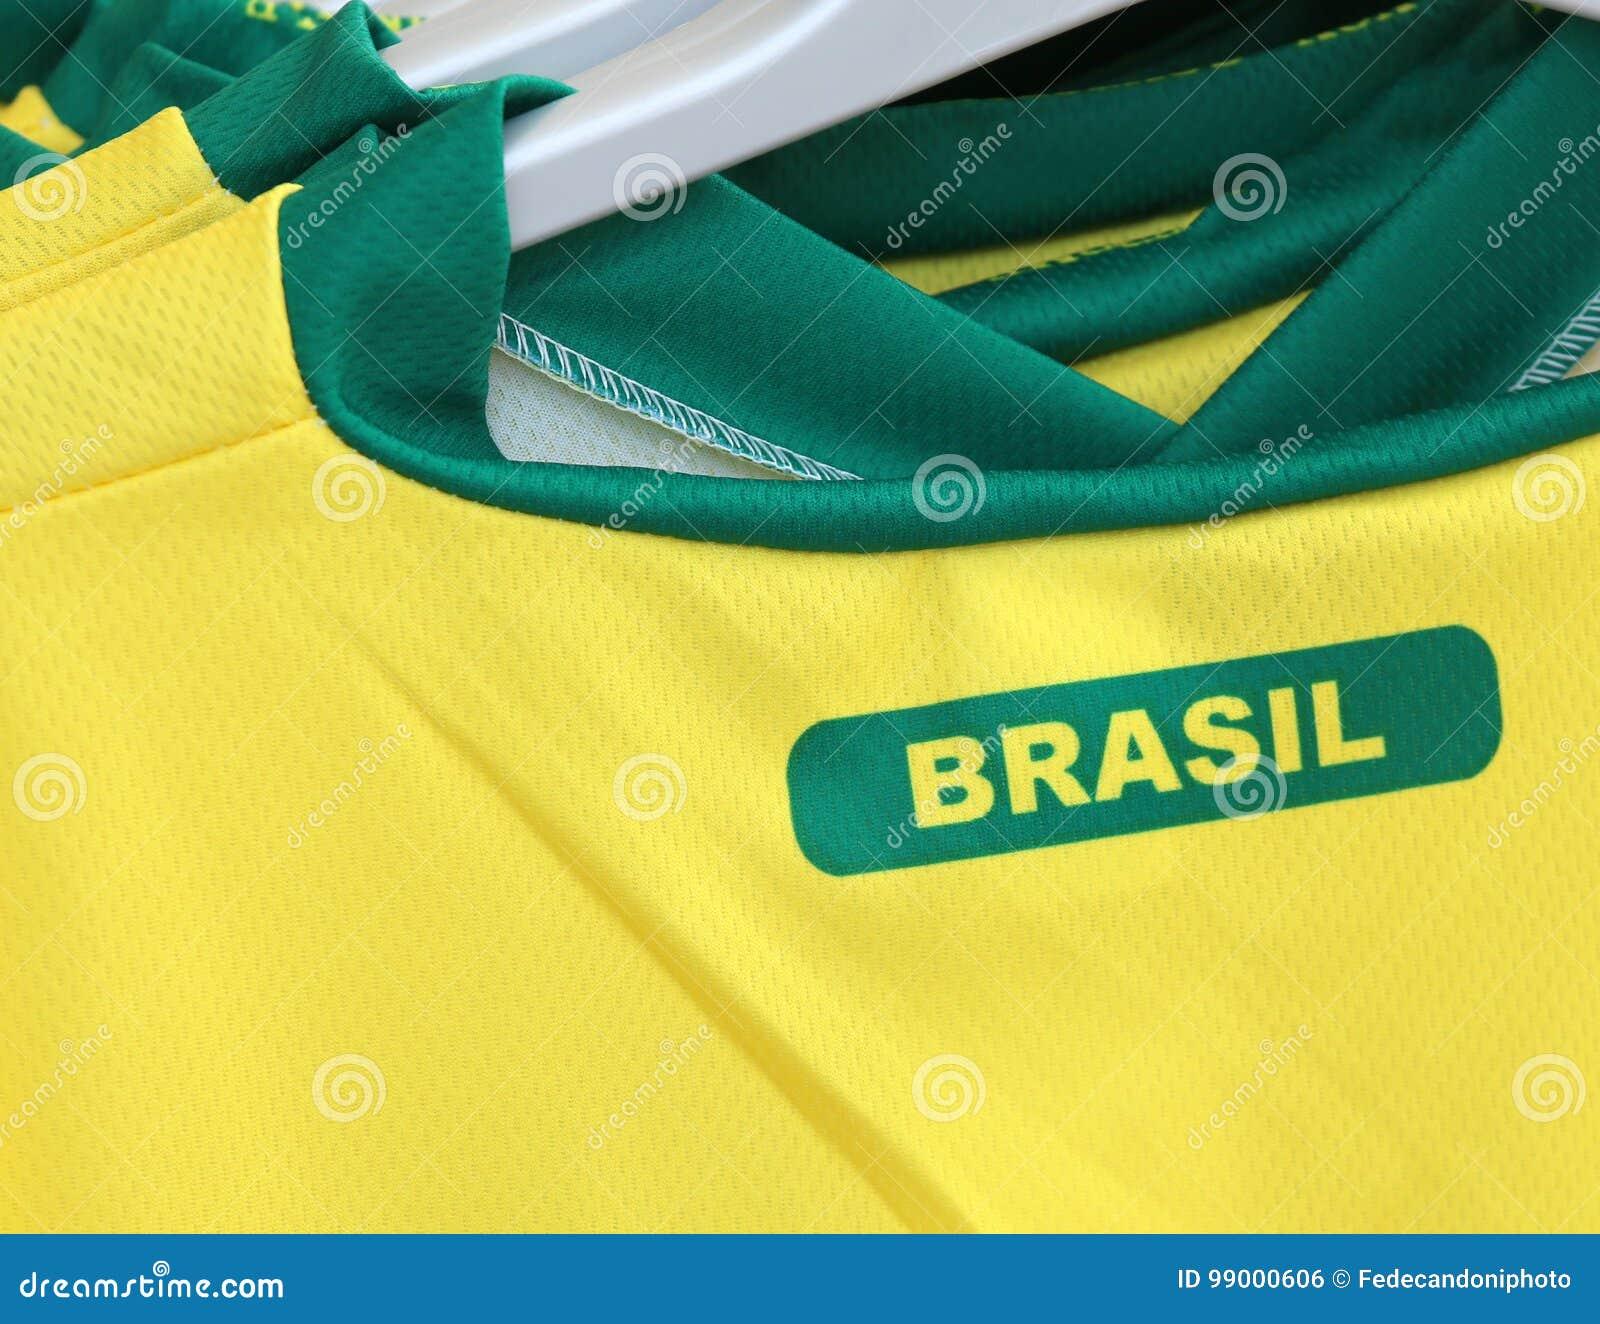 eee33c53ffb8 Μπλούζες ποδοσφαίρου με το κείμενο ΒΡΑΖΙΛΙΑ που σημαίνει τη Βραζιλία ...